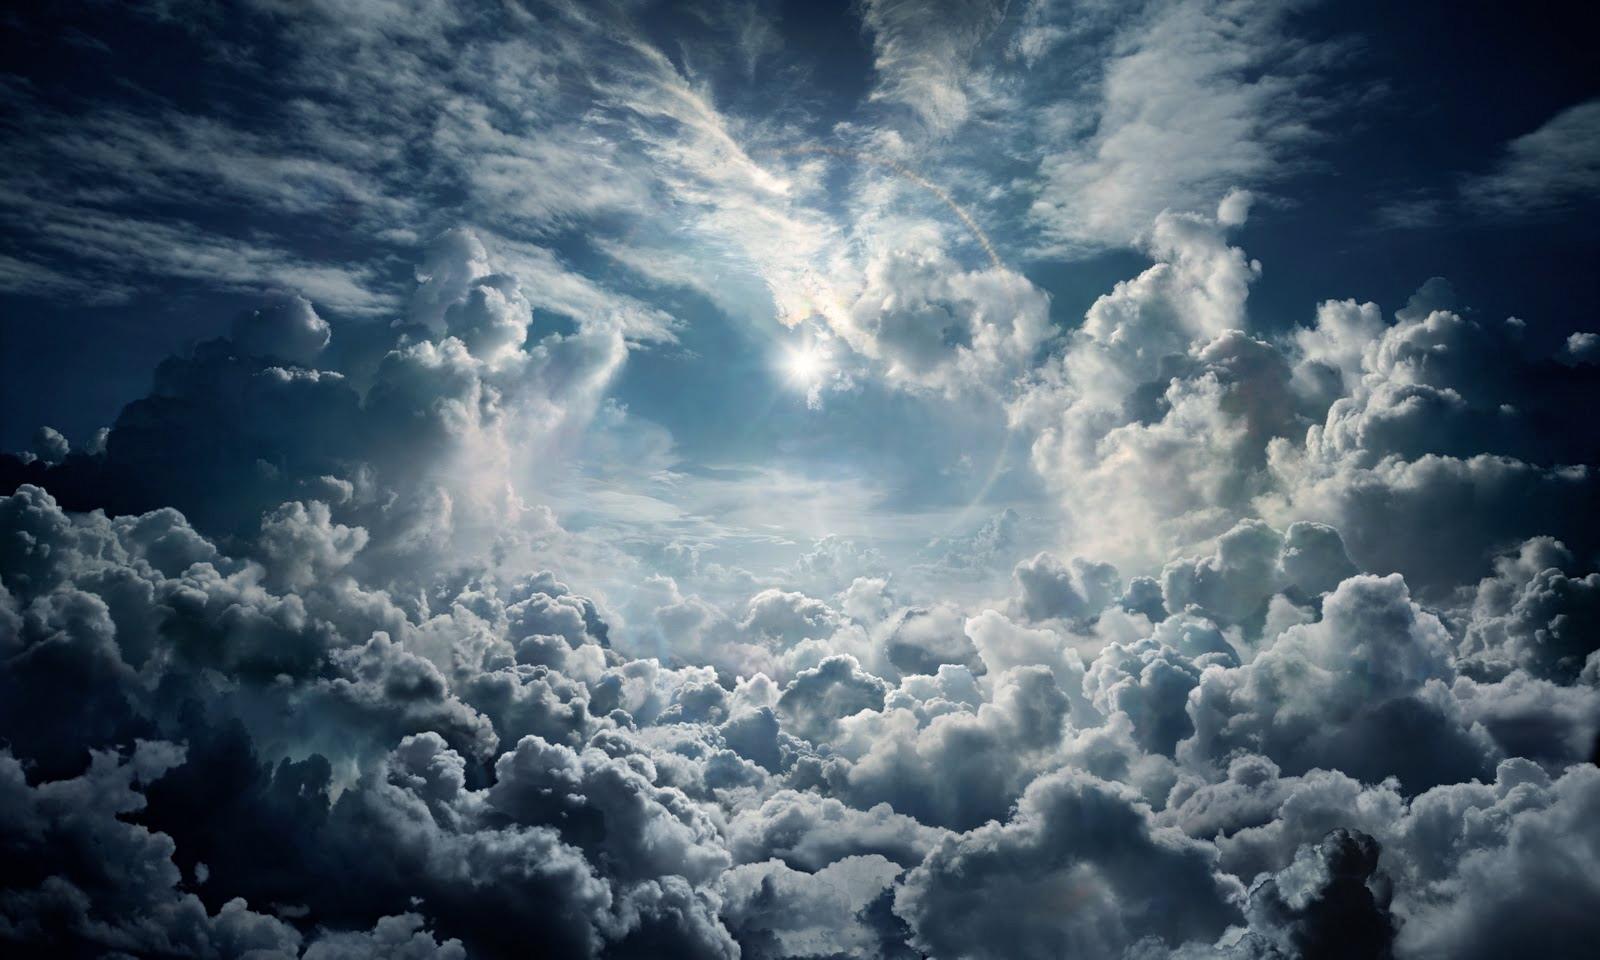 Hình ảnh cụm mây đen rất đẹp